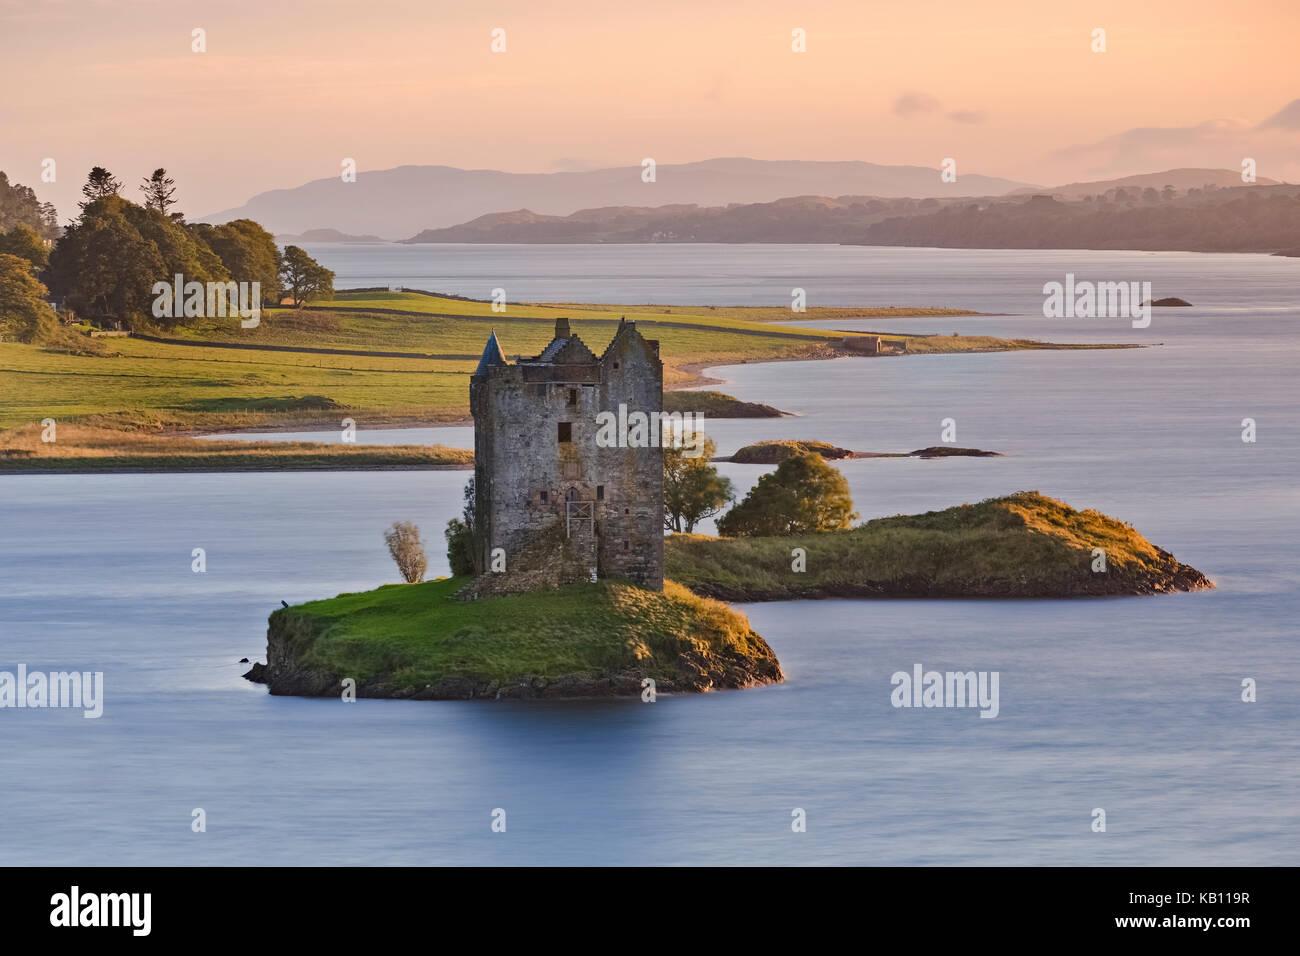 Castle Stalker, Highlands, Scotland, United Kingdom - Stock Image